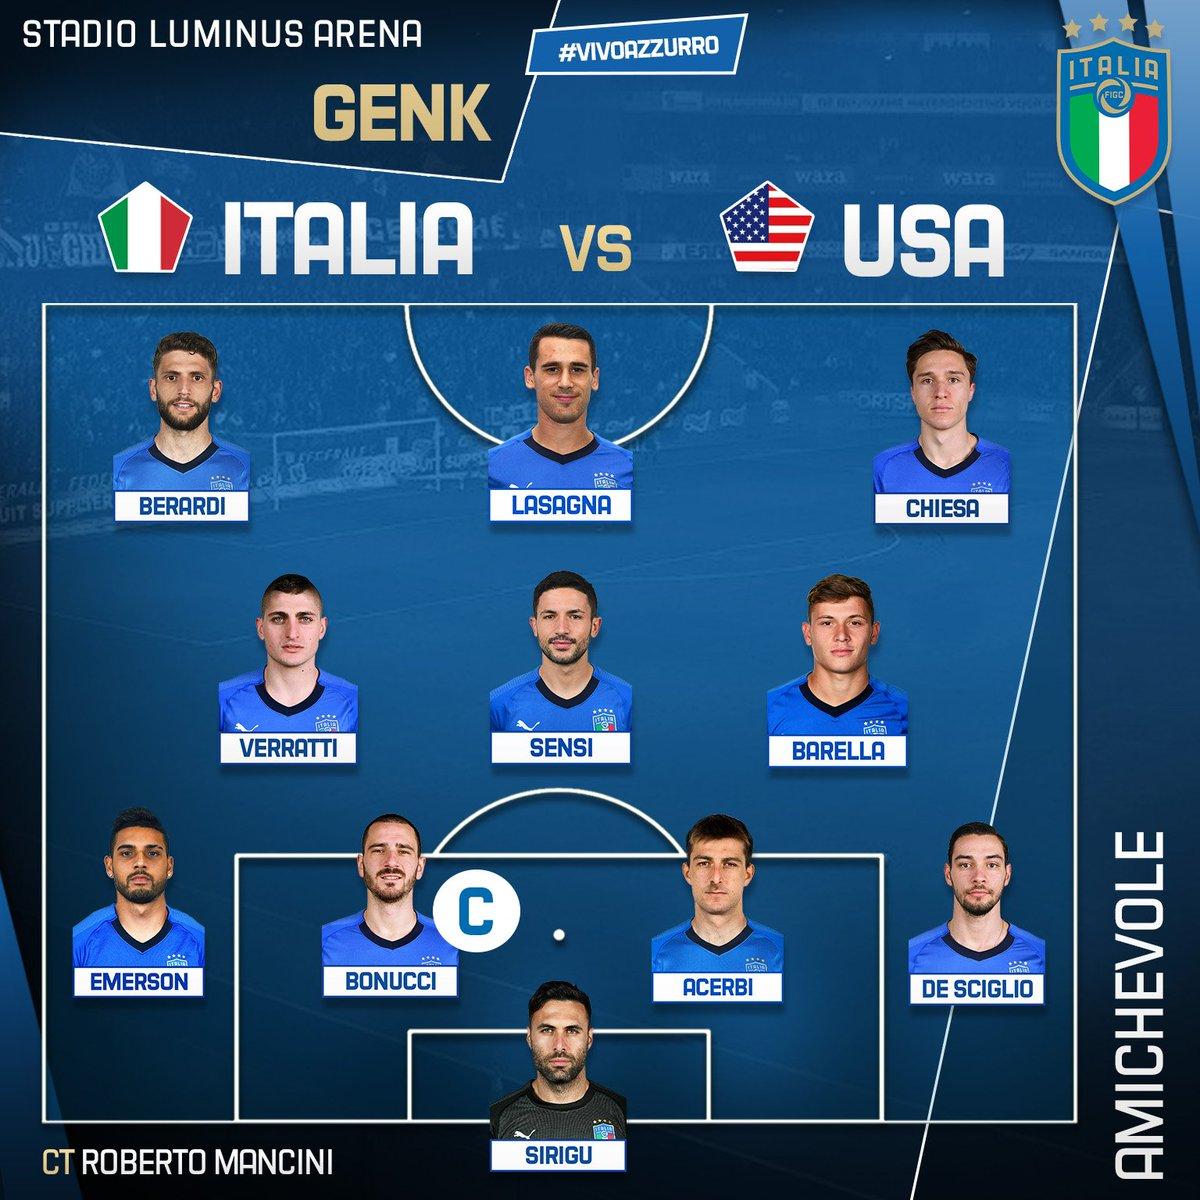 💙 Gli 11 #Azzurri scelti dal Ct #Mancini   🇮🇹🇺🇸 #ItaliaUSA  🏟 #LuminusArena - #Genk ⏱ h 20.45 - Tv #RaiUno  #ItaUSA #Nazionale #VivoAzzurro